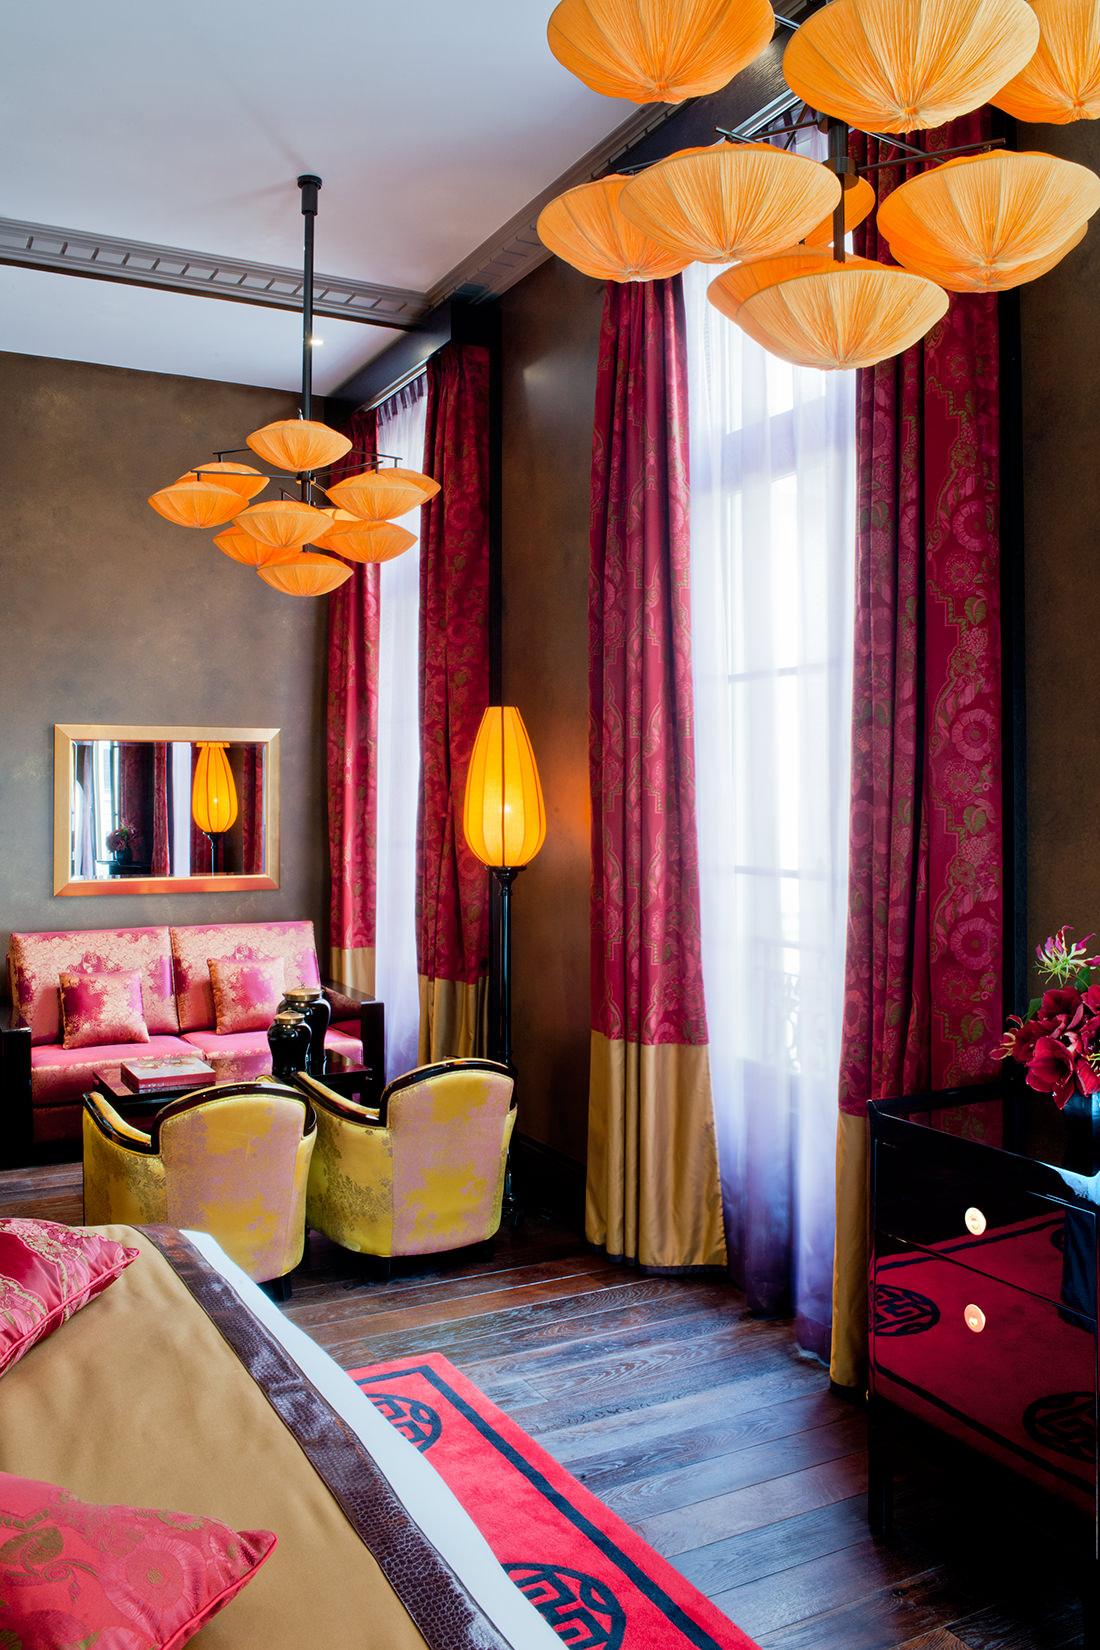 buddha-bar-hotel-paris-3